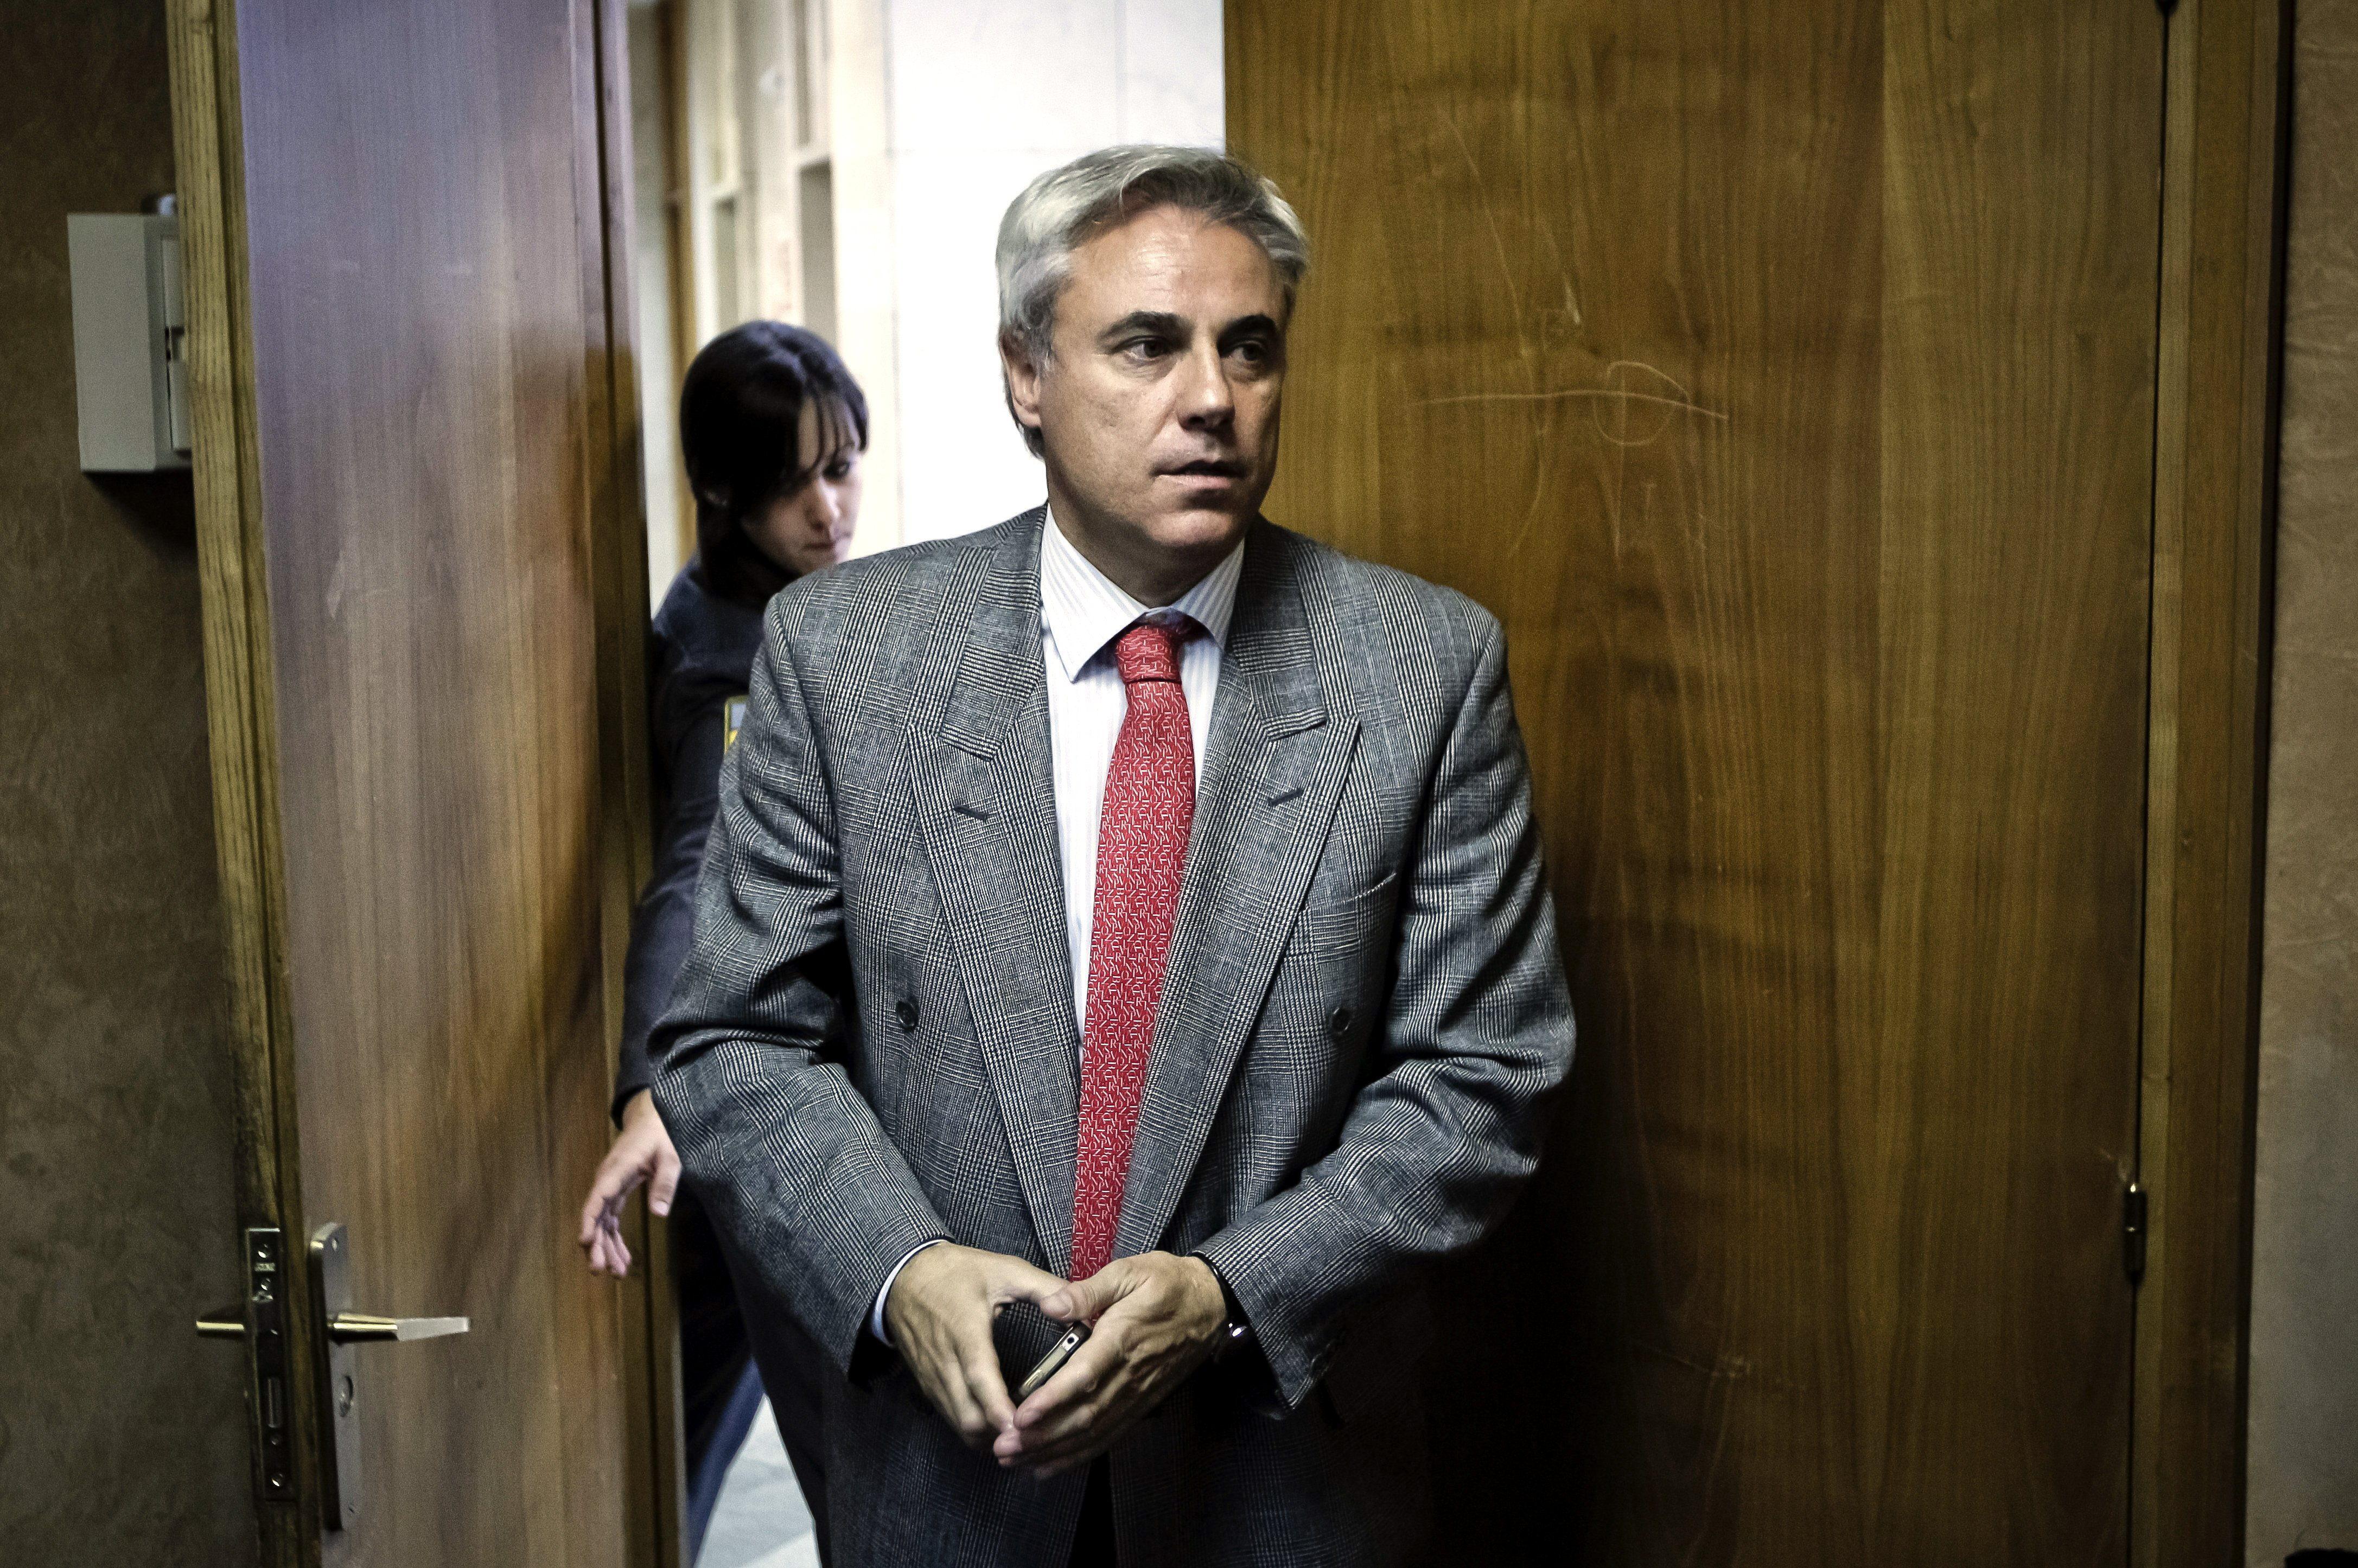 La asociación Francisco de Vitoria tampoco presentará candidatos a vocales del CGPJ